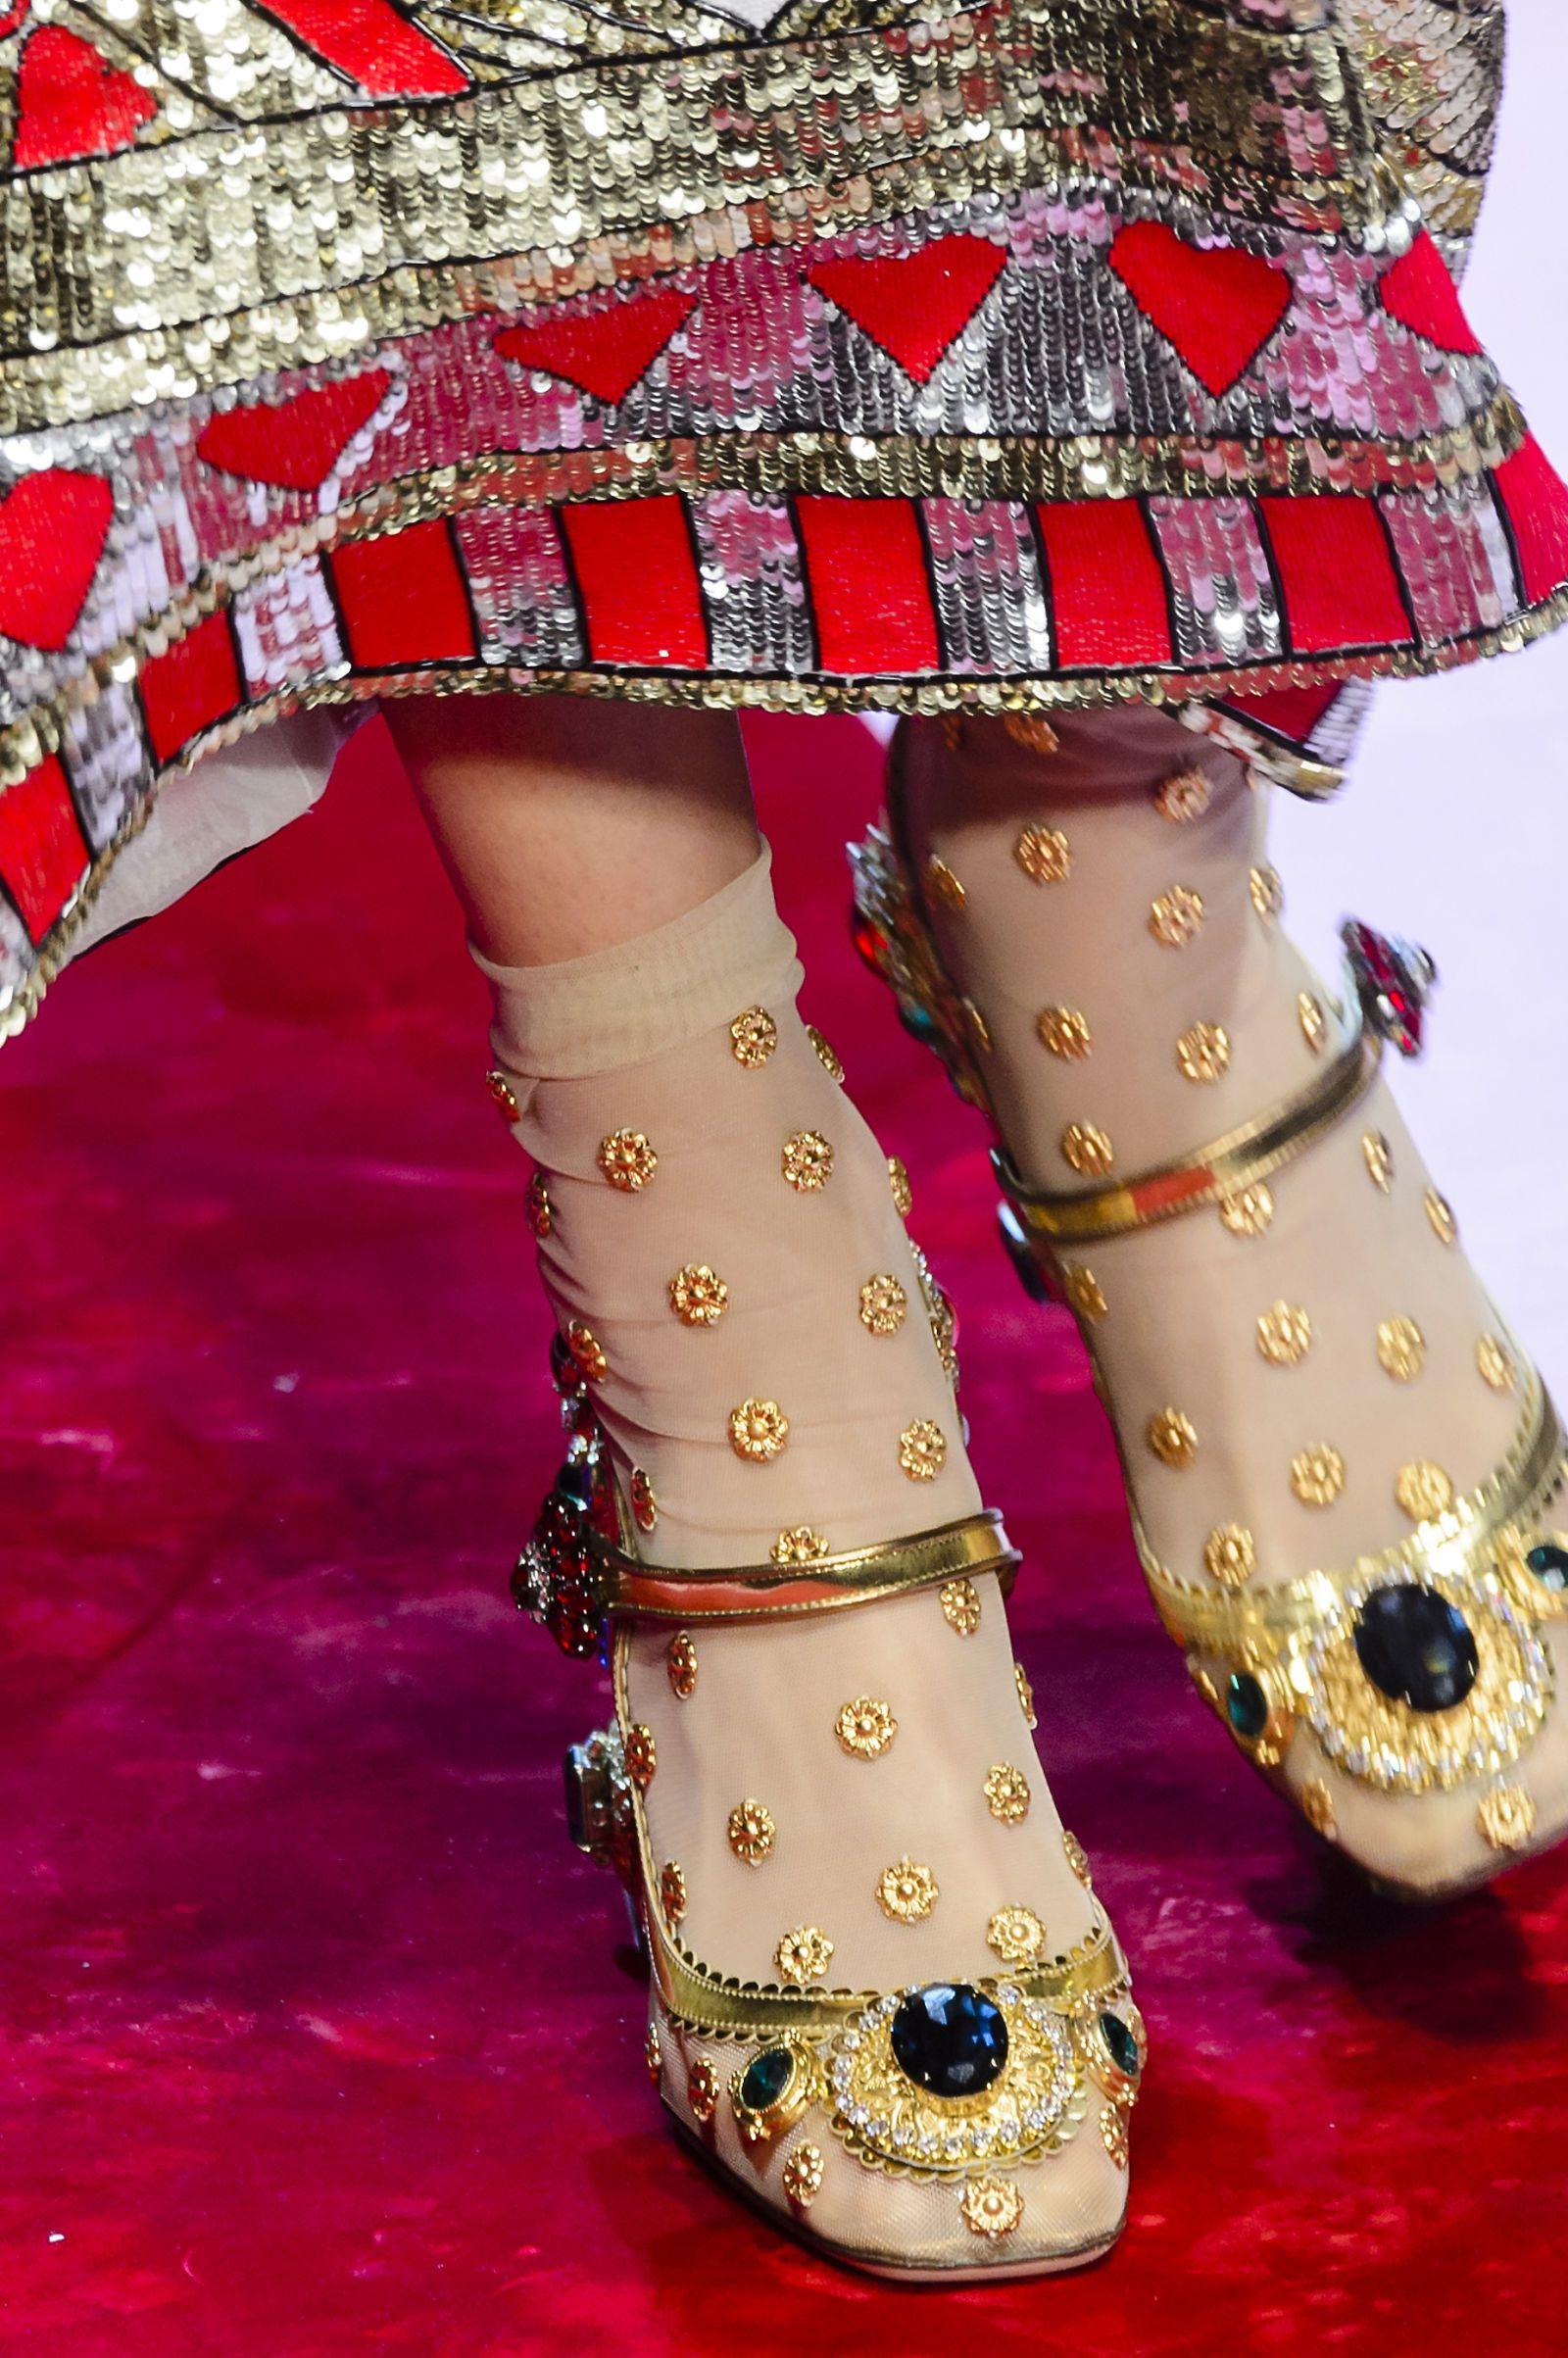 Sandales D'été Fashion 201820 Talon Chaussures À Trhqcsd gY6ybf7v